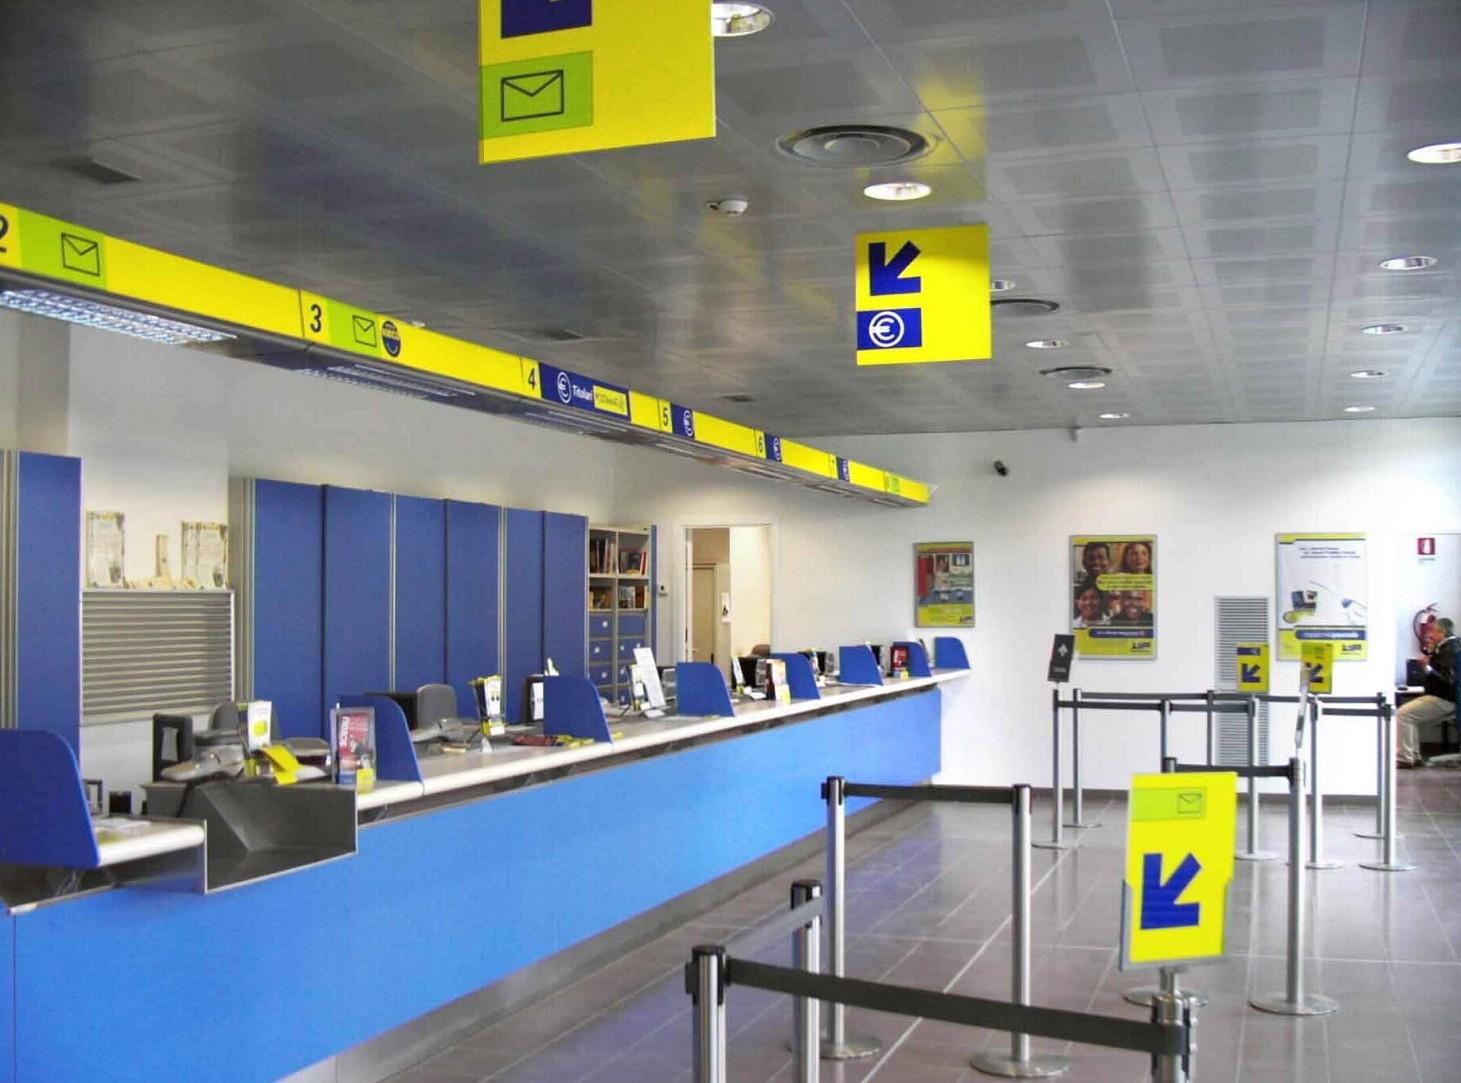 In quanto tempo massimo la Posta deve liquidare agli eredi soldi su conto postale, libretti e fondi